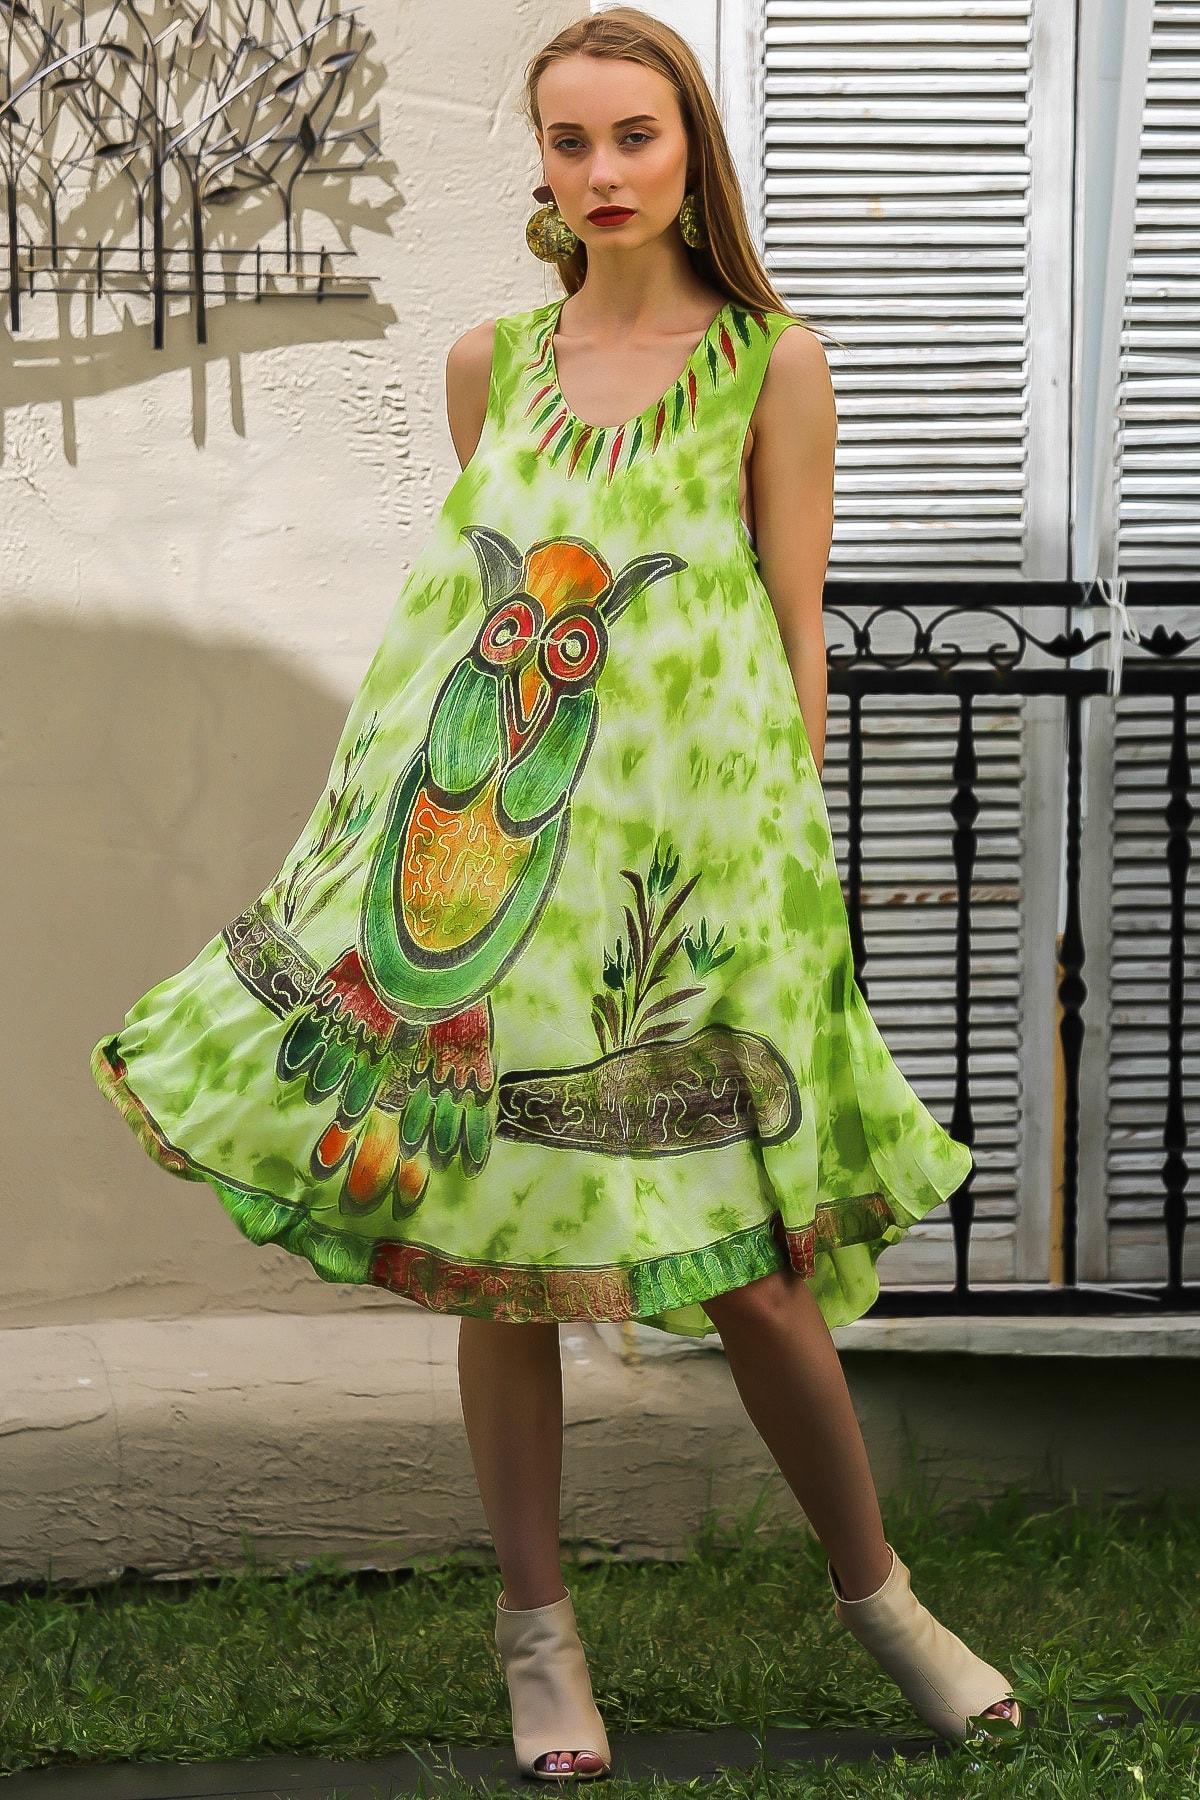 Chiccy Kadın Fistik Yeşili Bohem Baykuş Baskılı Nakış Detaylı Elbise M10160000EL96414